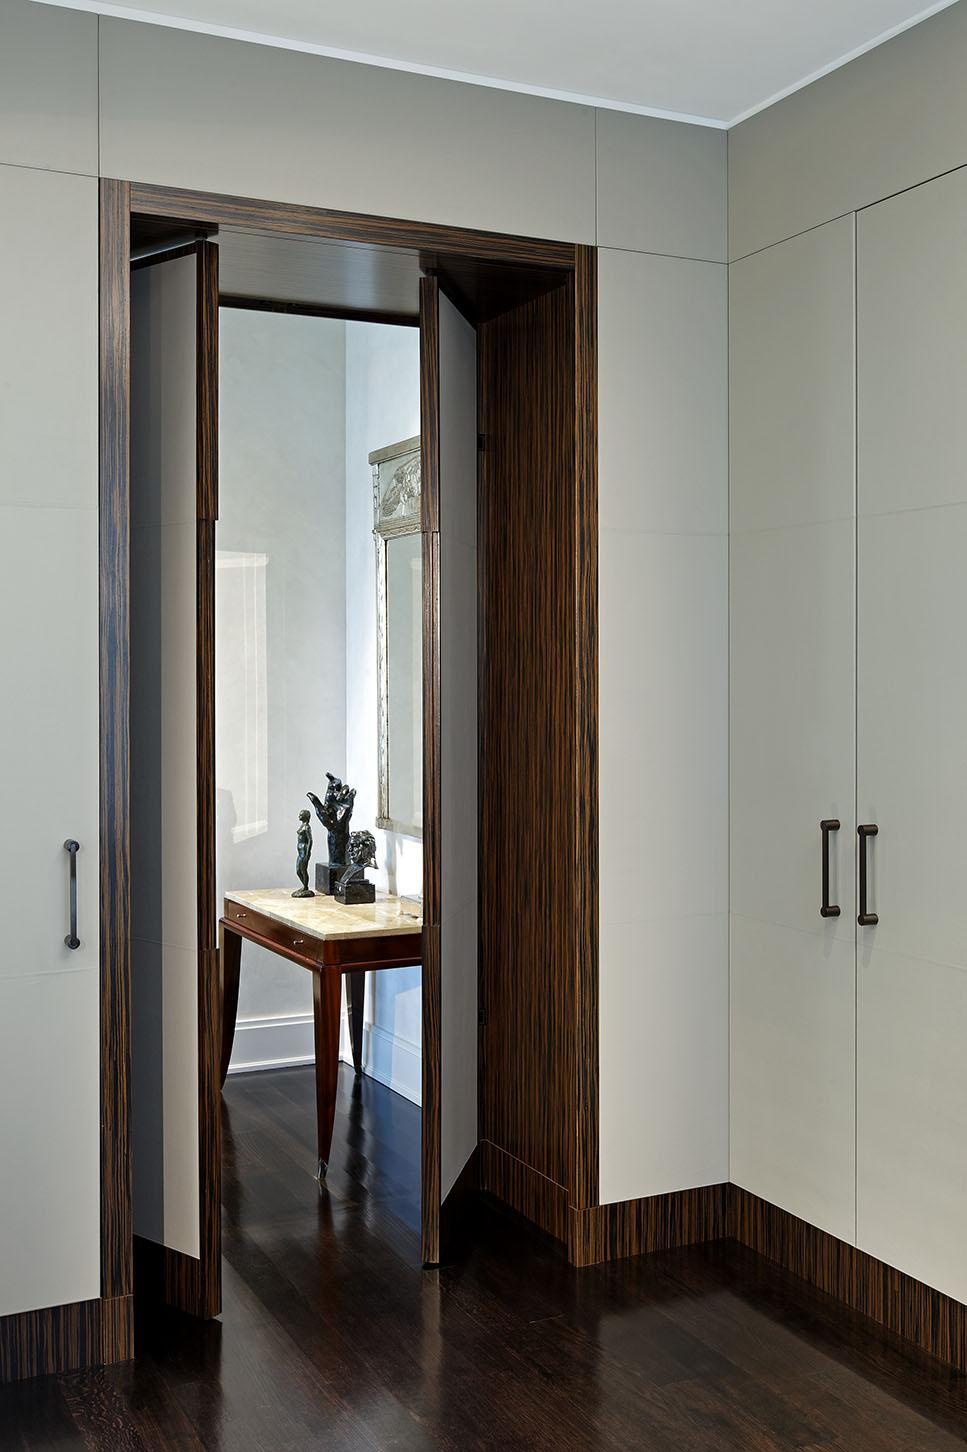 27_Doorway Partially Open.jpg